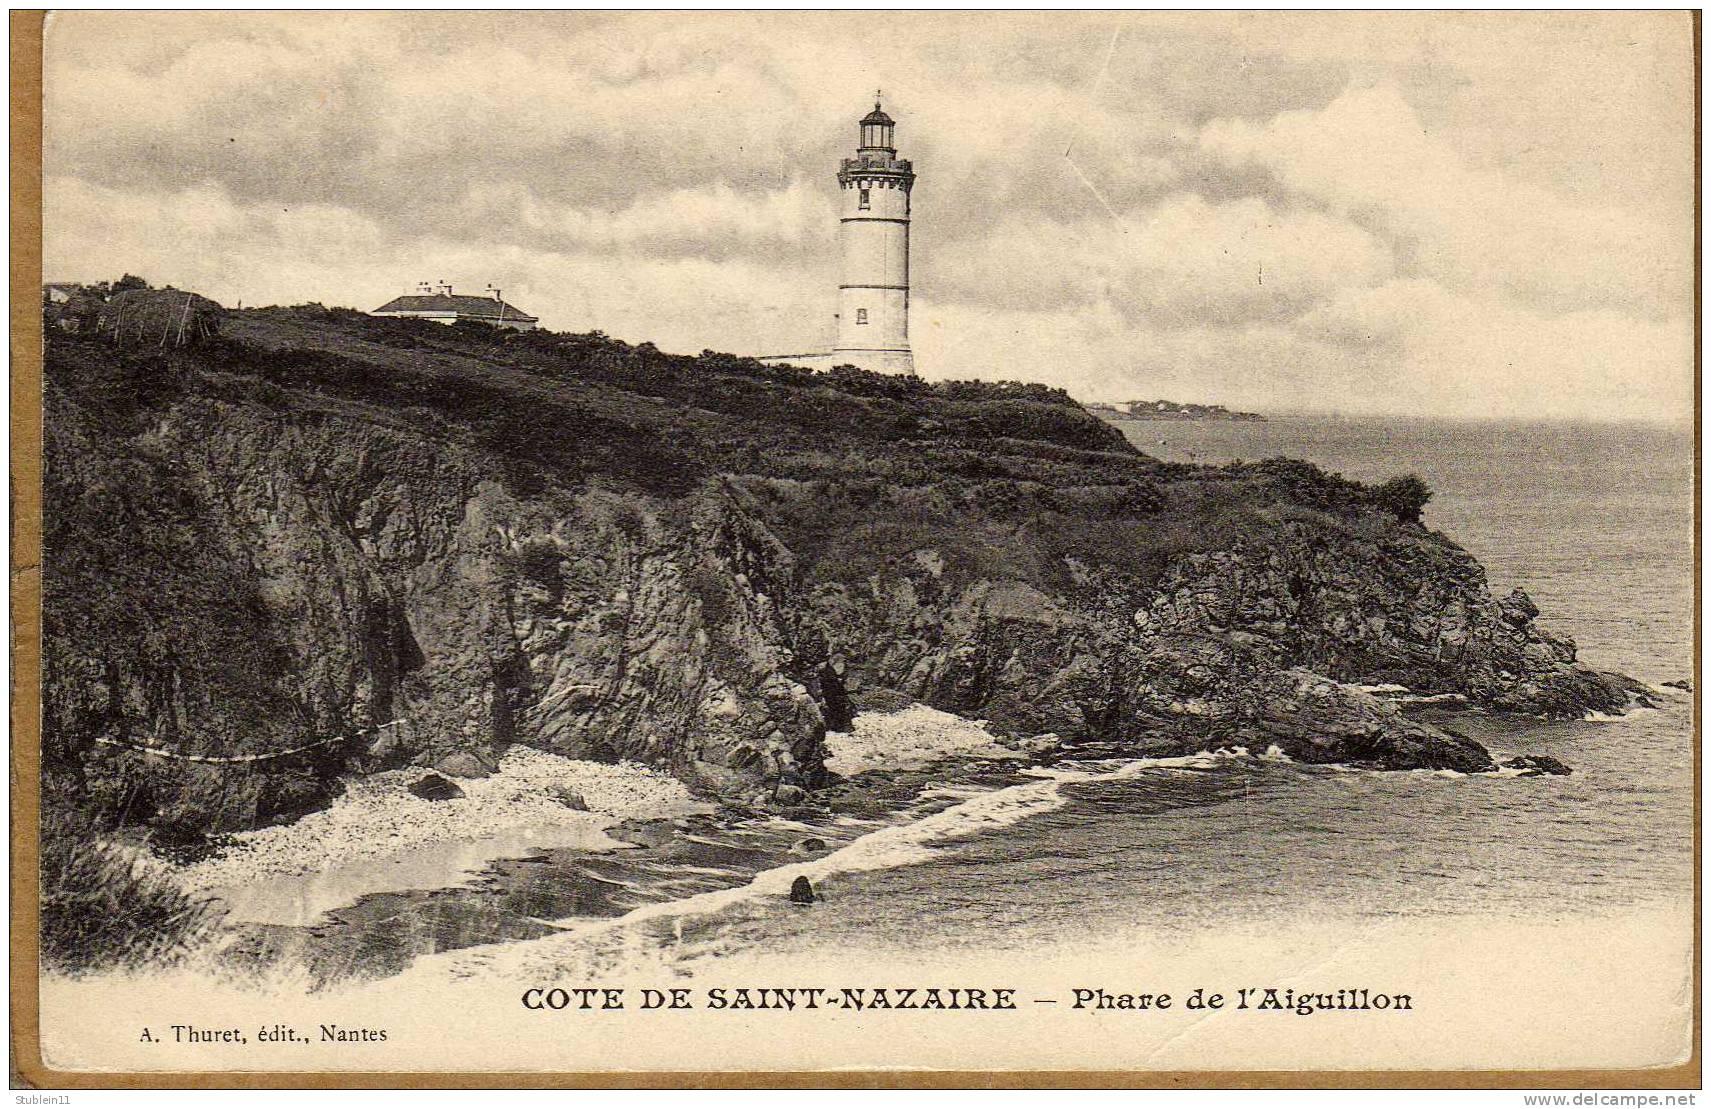 Le phare de l'Aiguillon, près de Saint-Nazaire. C'est ici, dans la solitude, que Narcisse finit sa vie, âgé d'à peine 50 ans, marié, mais resté sans enfant.